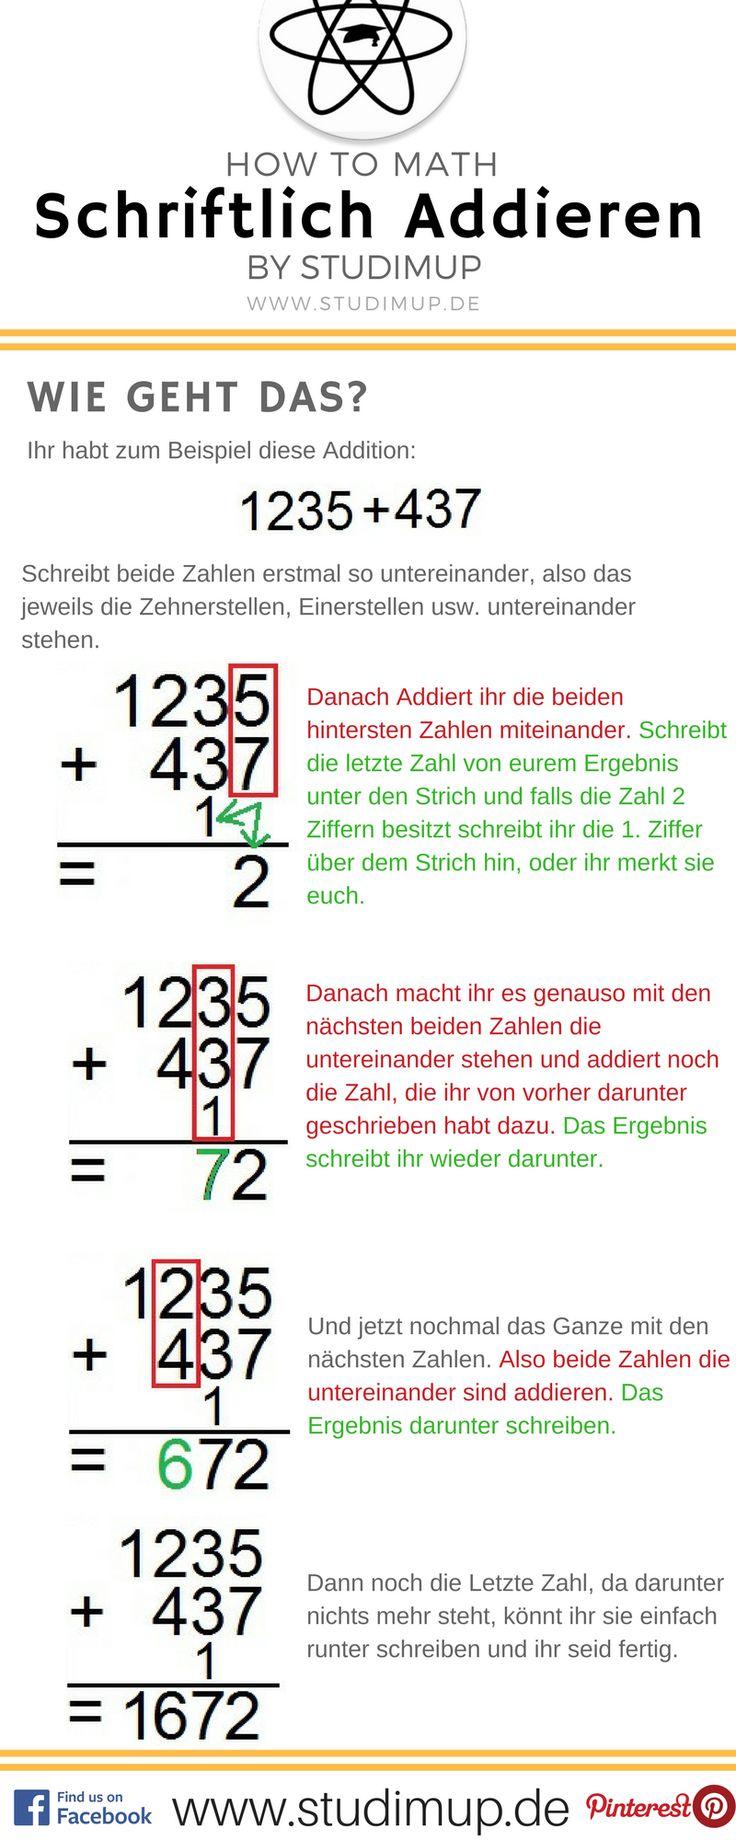 Erklärung, wie man richtig schriftlich addiert im Mathe Spickzettel von Studimup.